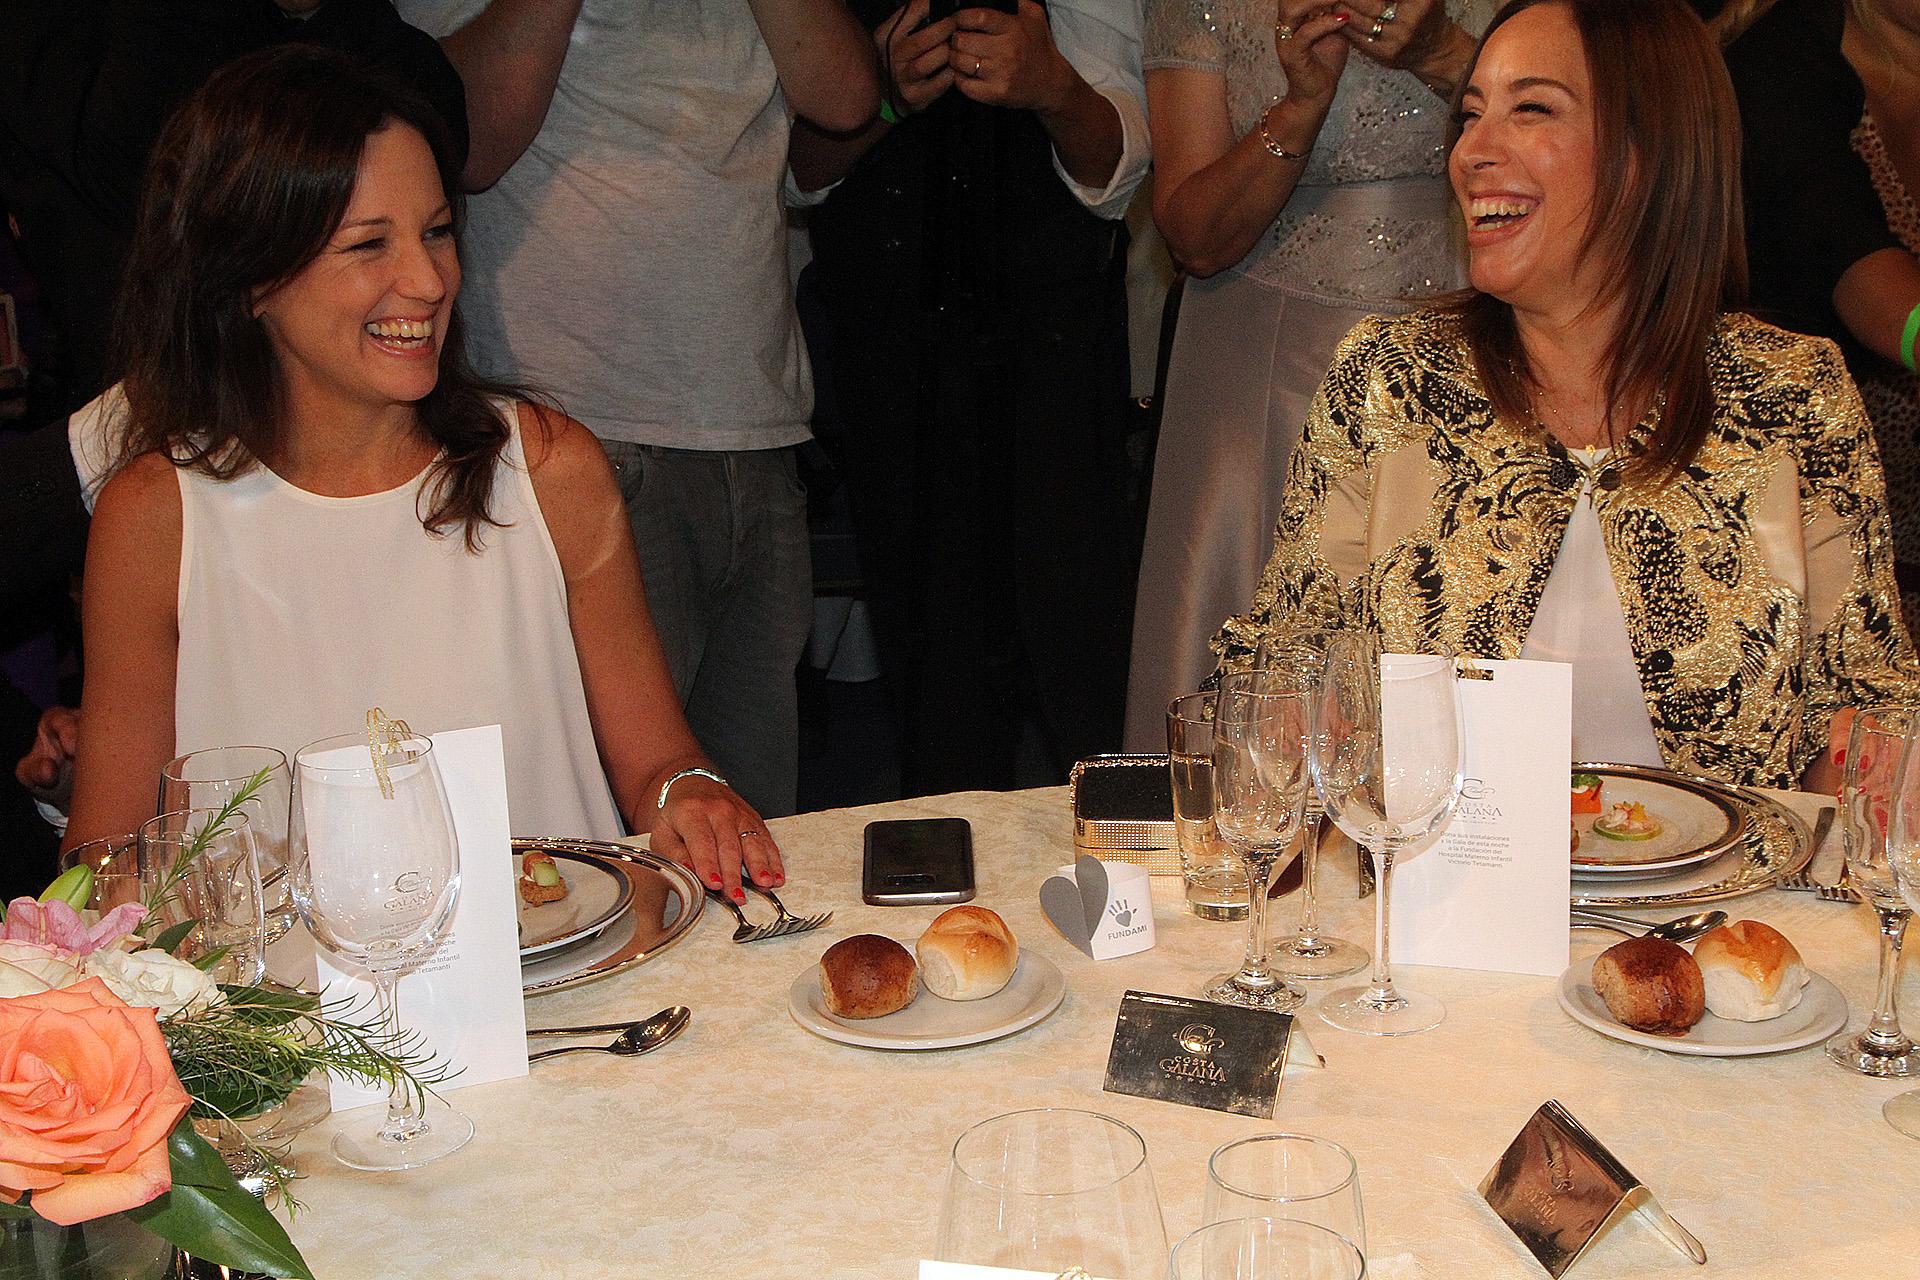 La ministra de Desarrollo Social Carolina Stanley y la gobernadora bonaerense María Eugenia Vidal